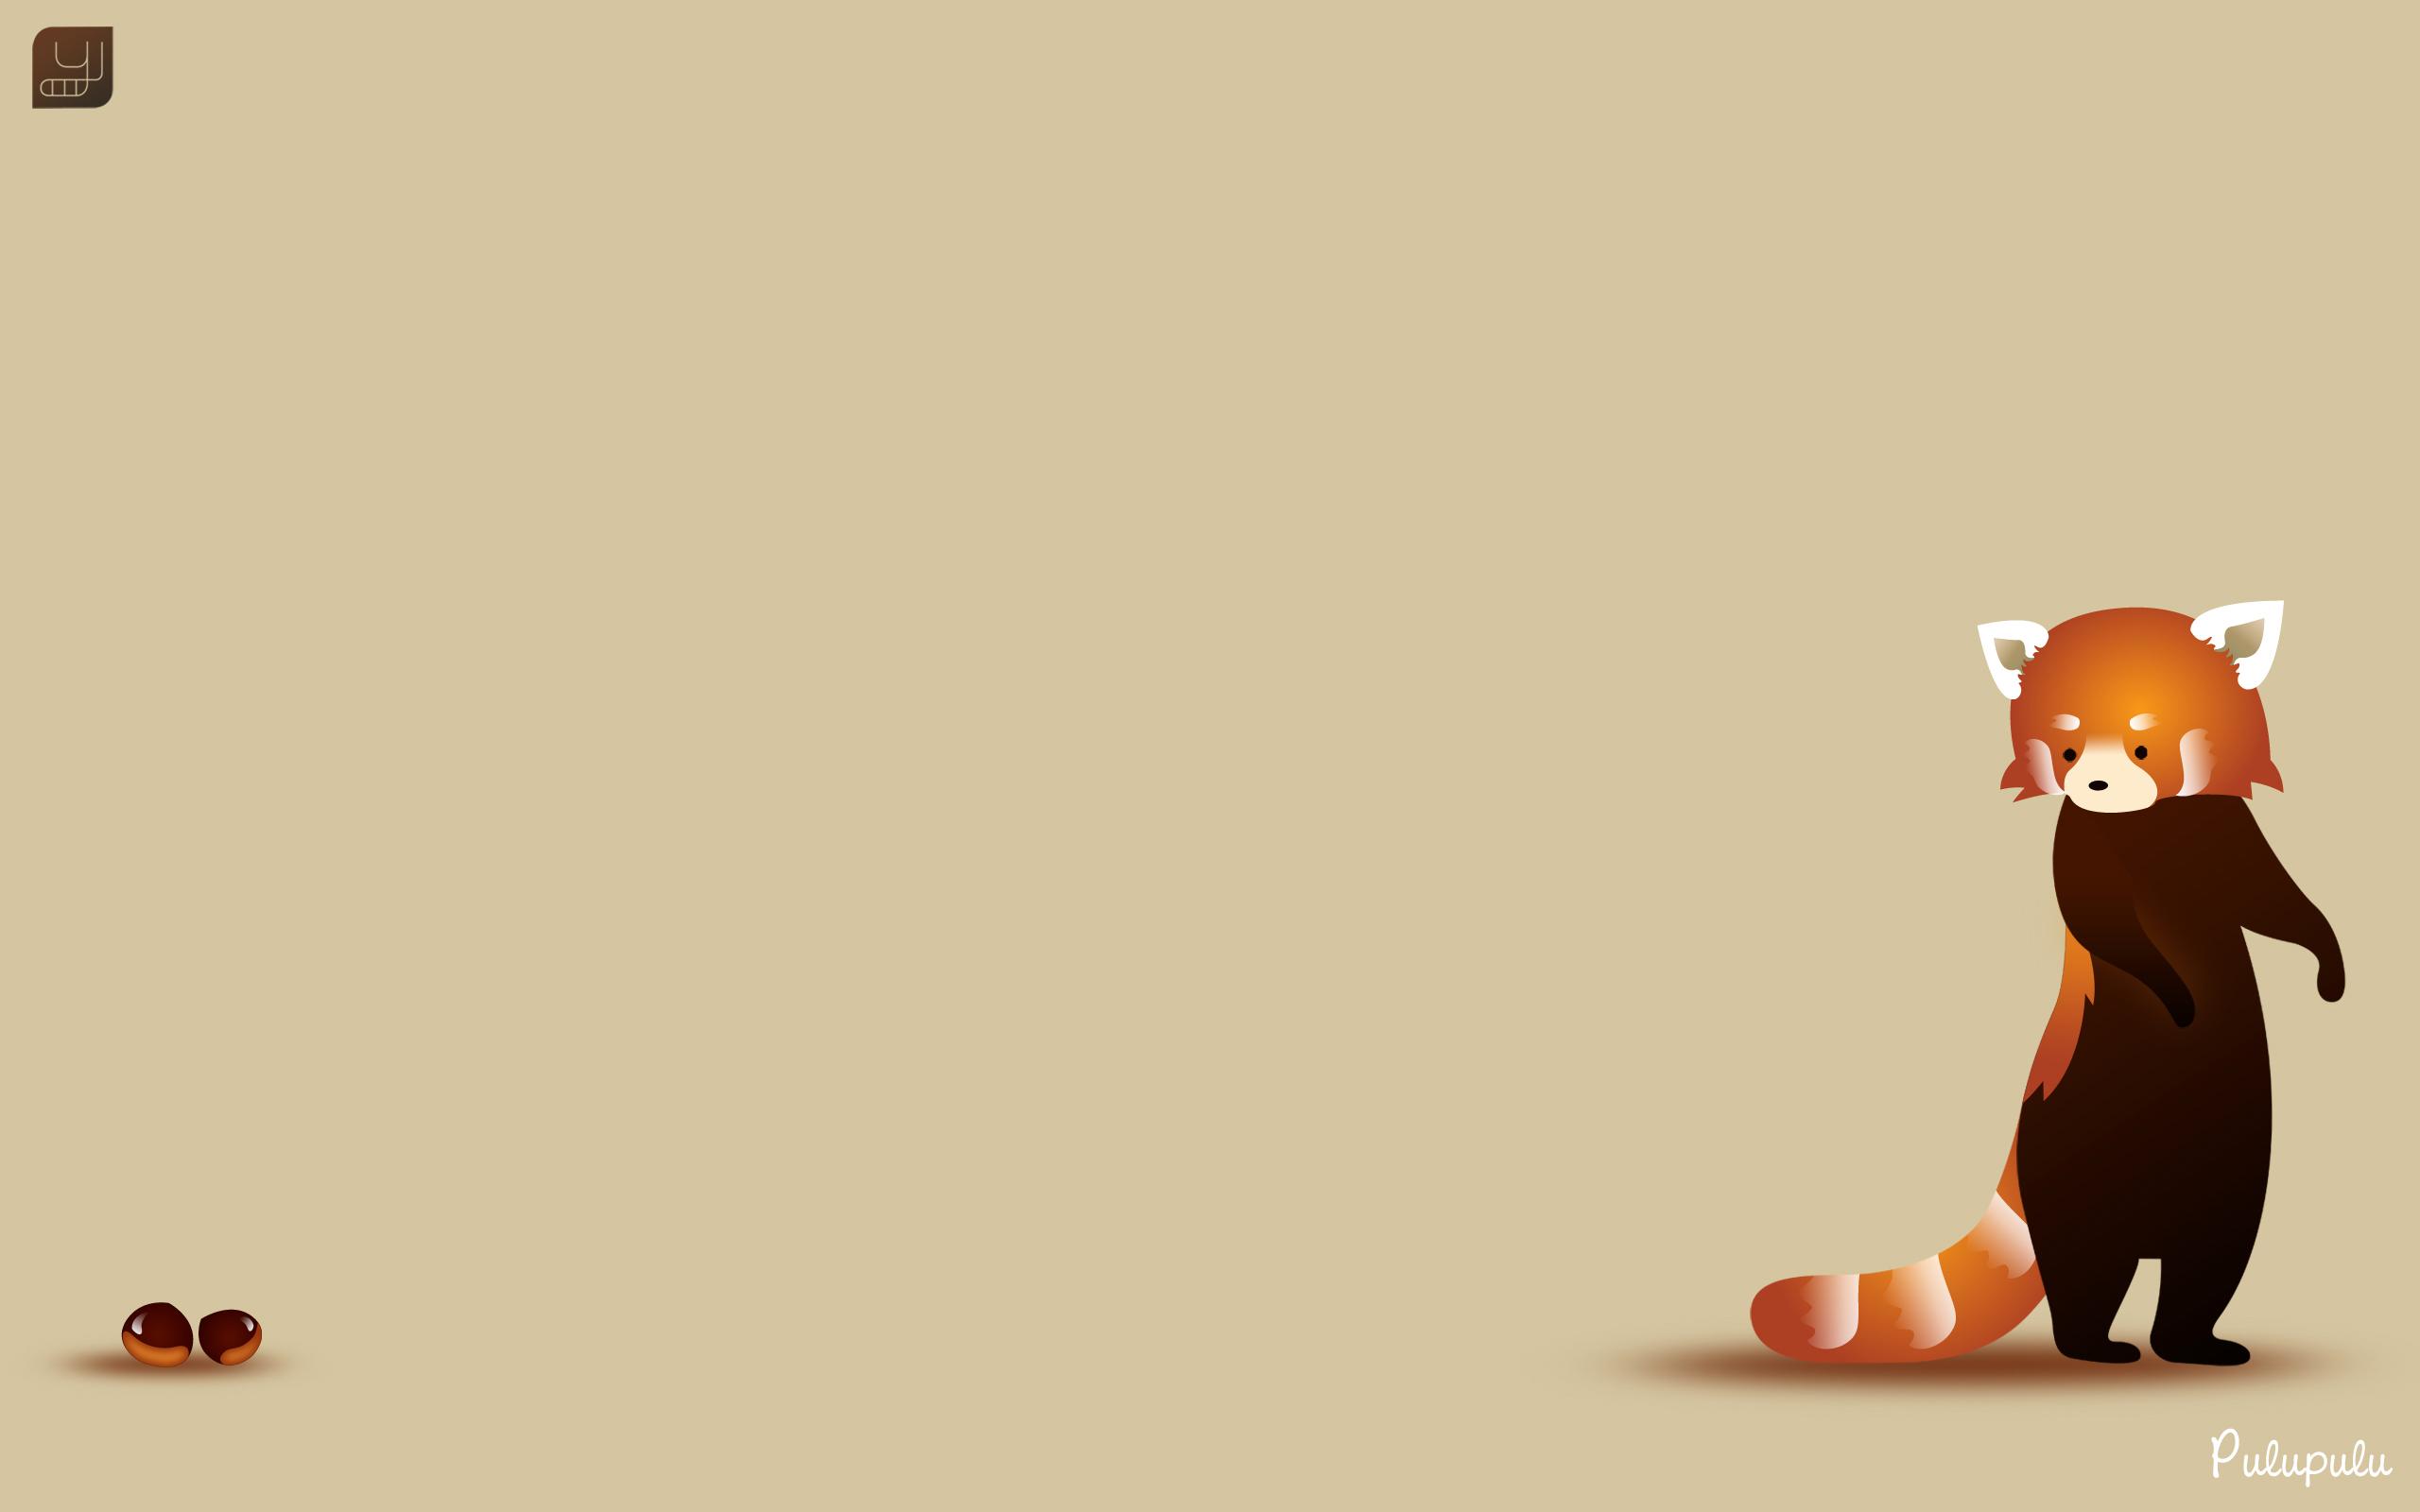 Greedy Firefox Pulupulupulupulu